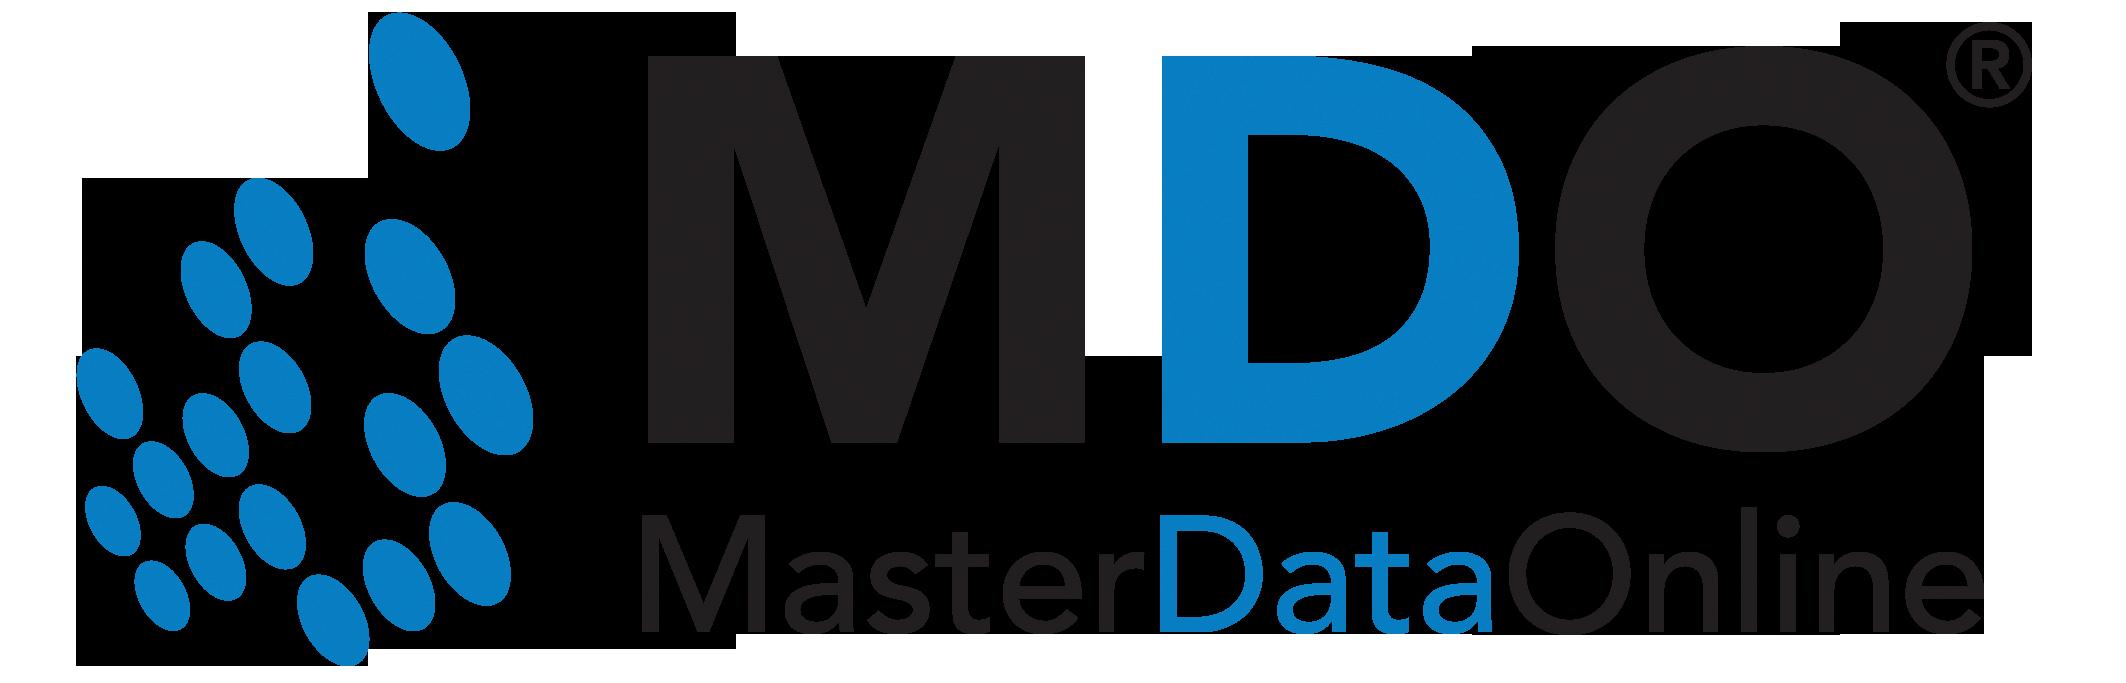 MasterDataOnline (MDO)